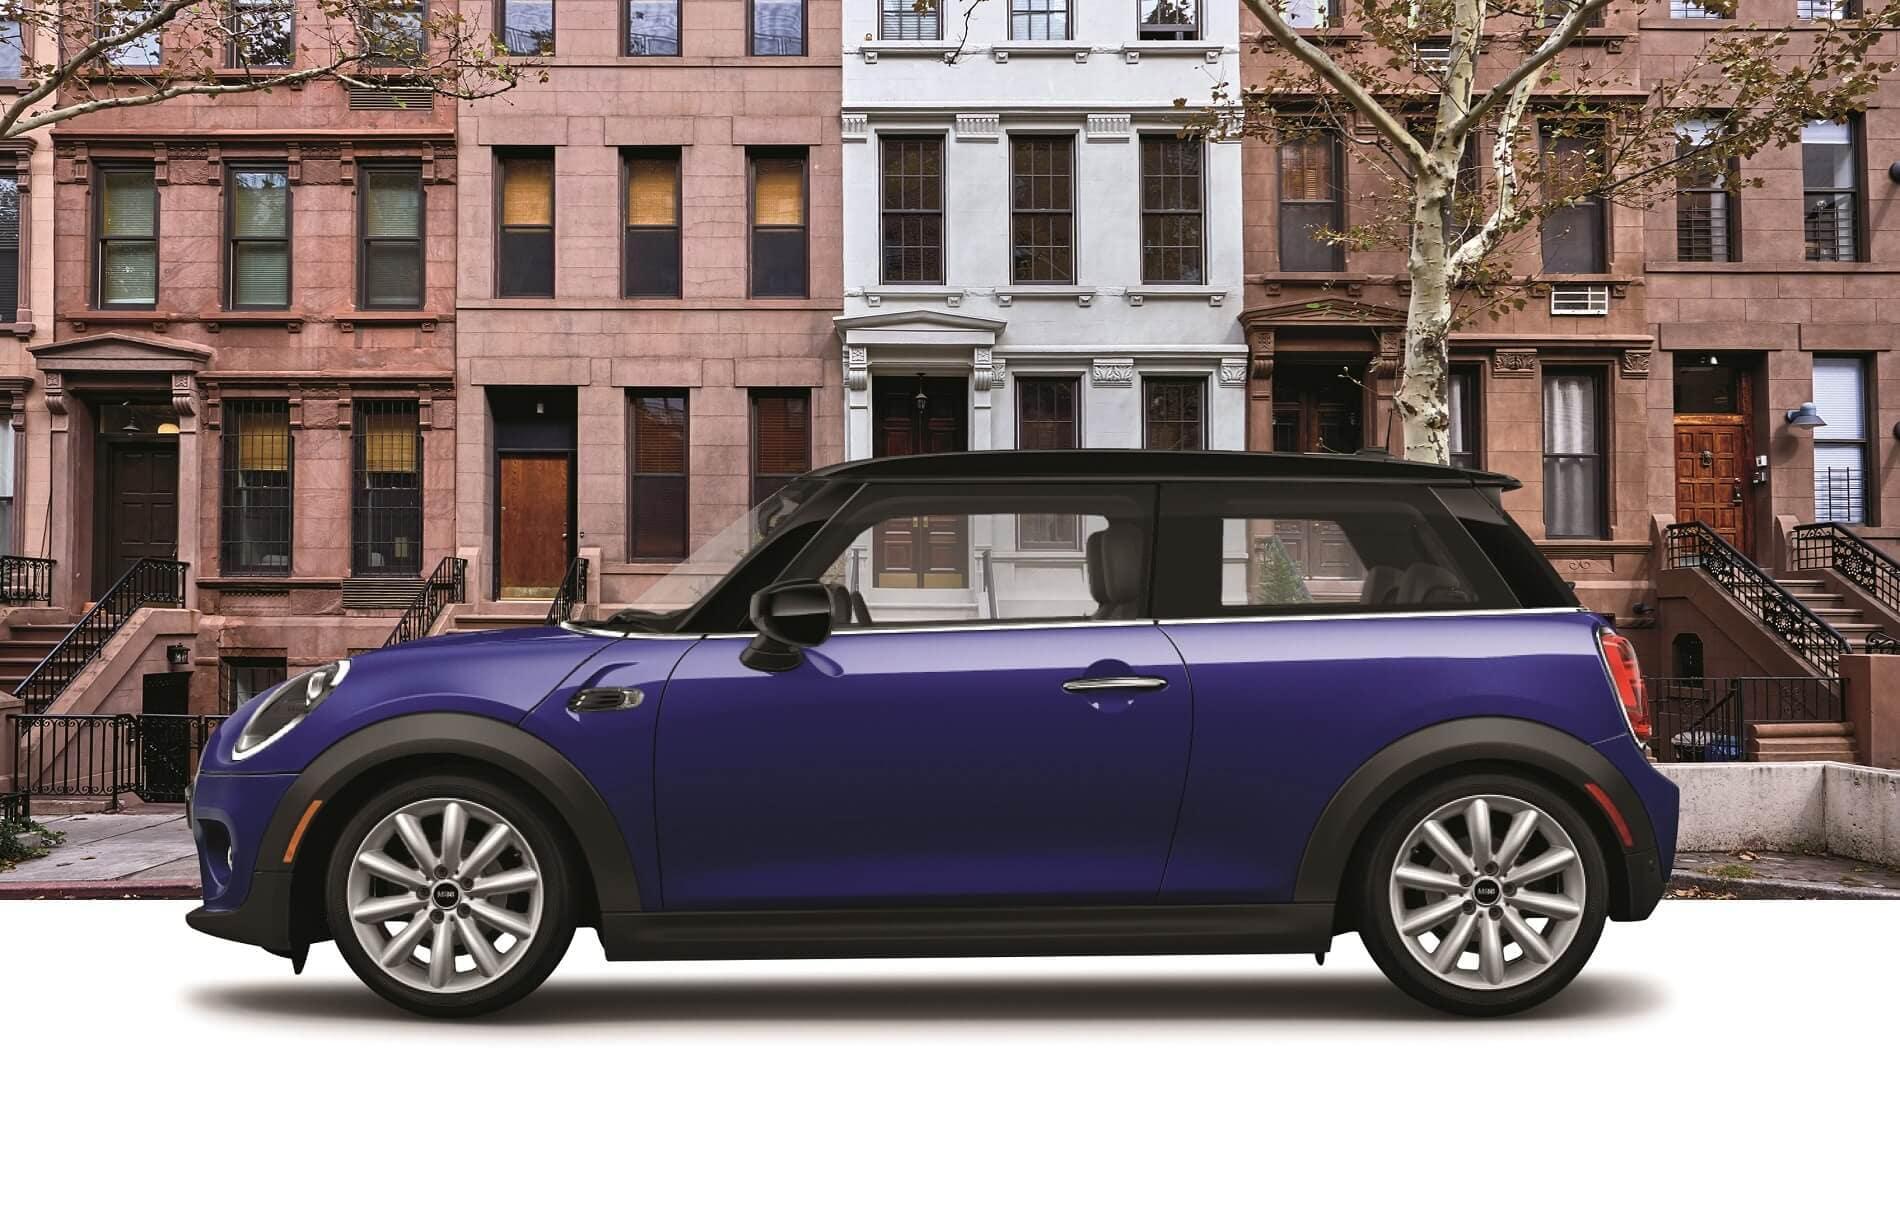 2021 MINI Cooper Oxford Edition Blue Manhattan NY